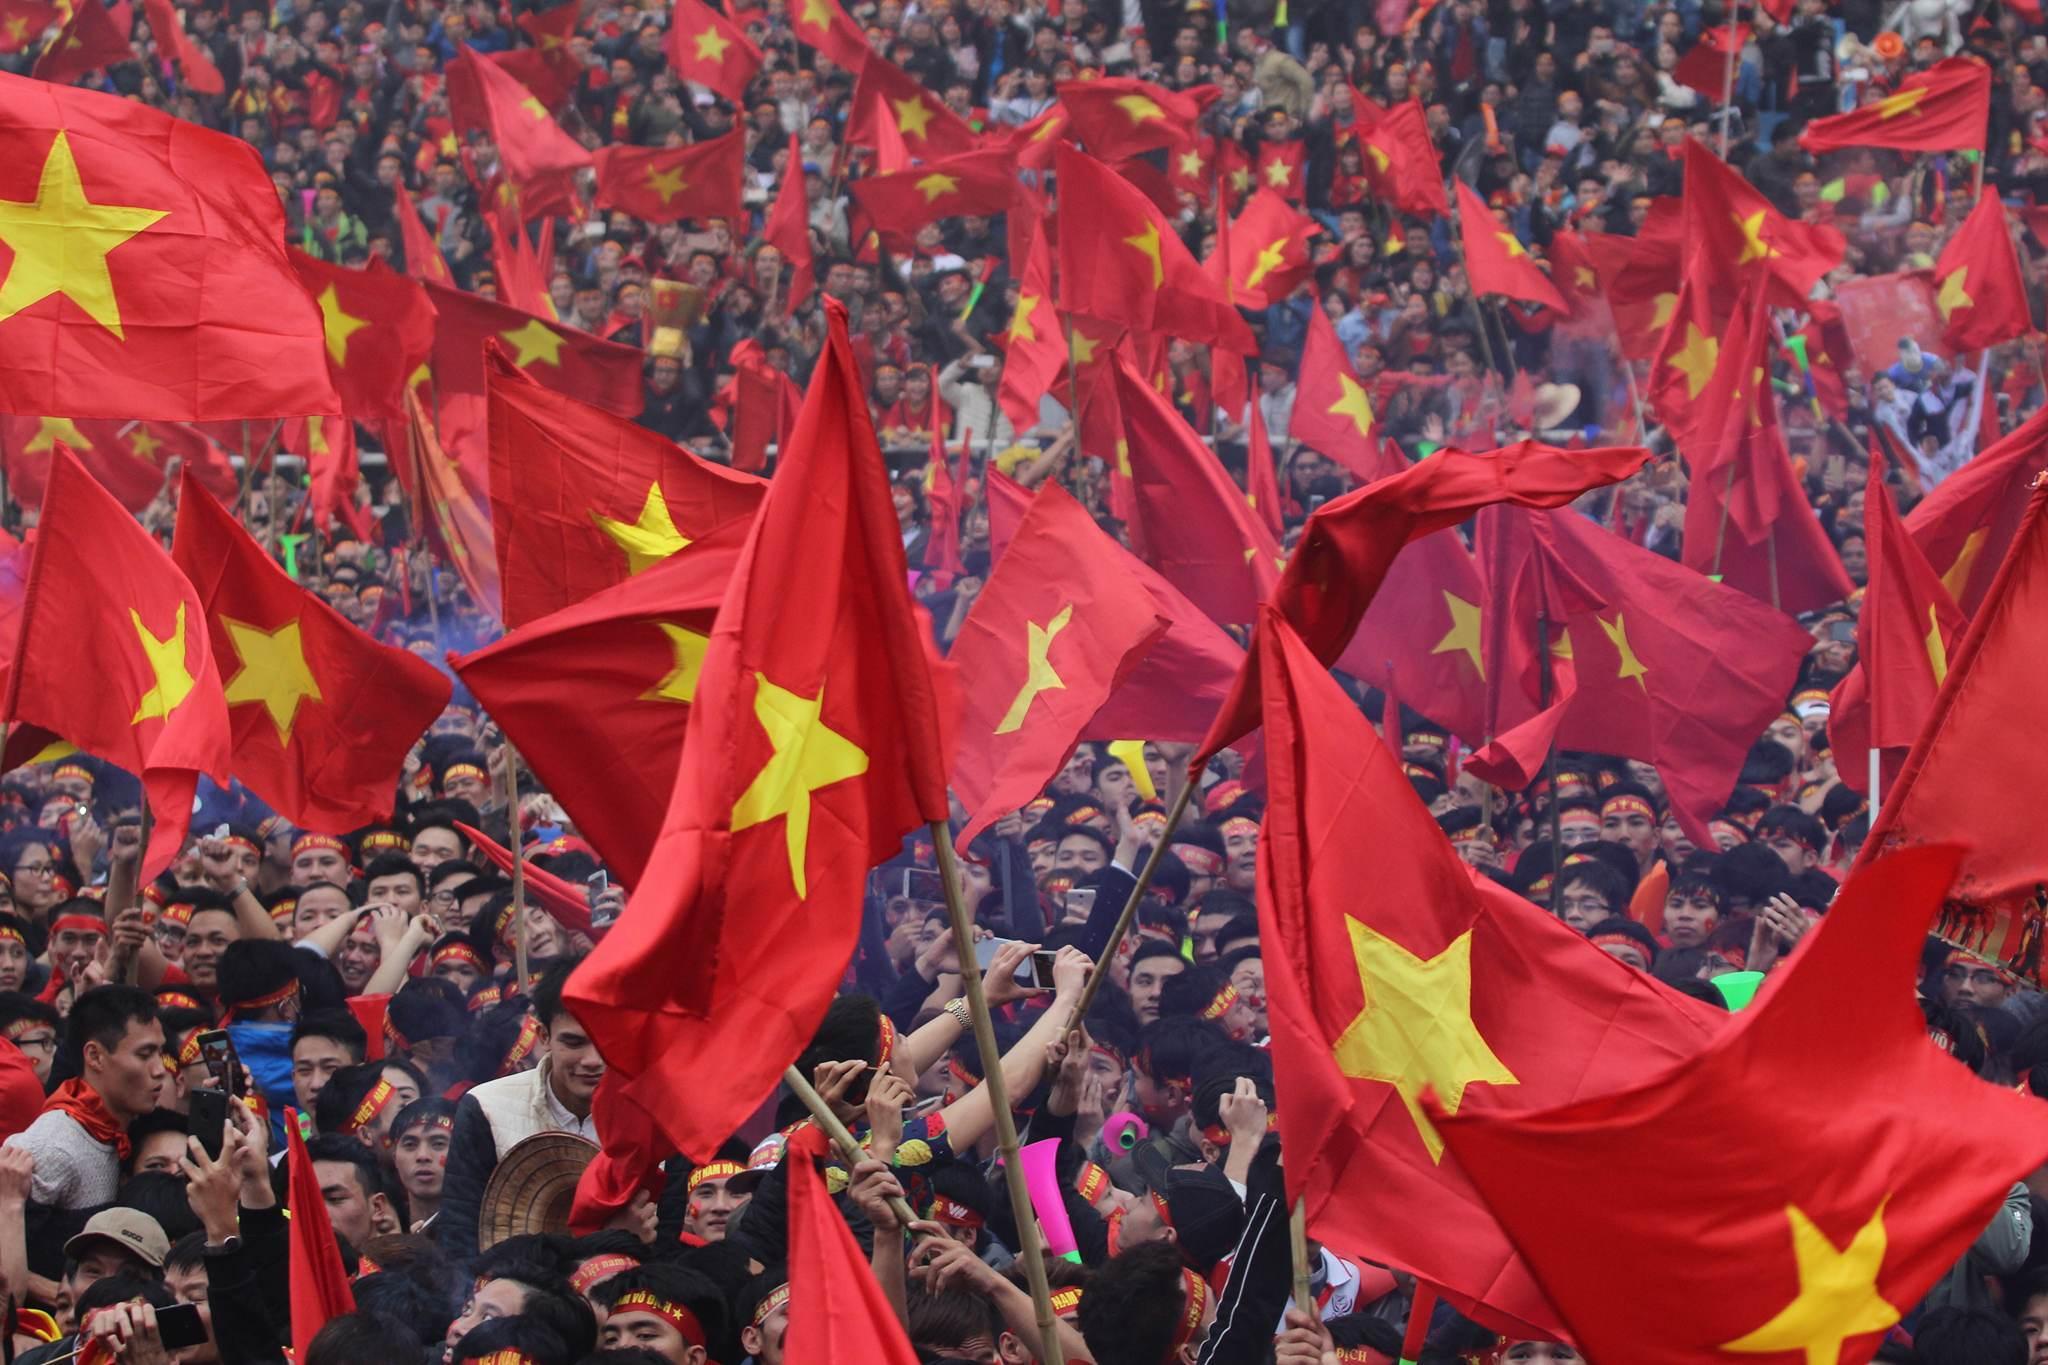 Hình ảnh Bán kết AFF CUP 2018: Màn trình diễn xuất sắc của tuyển Việt Nam trên sân nhà số 3